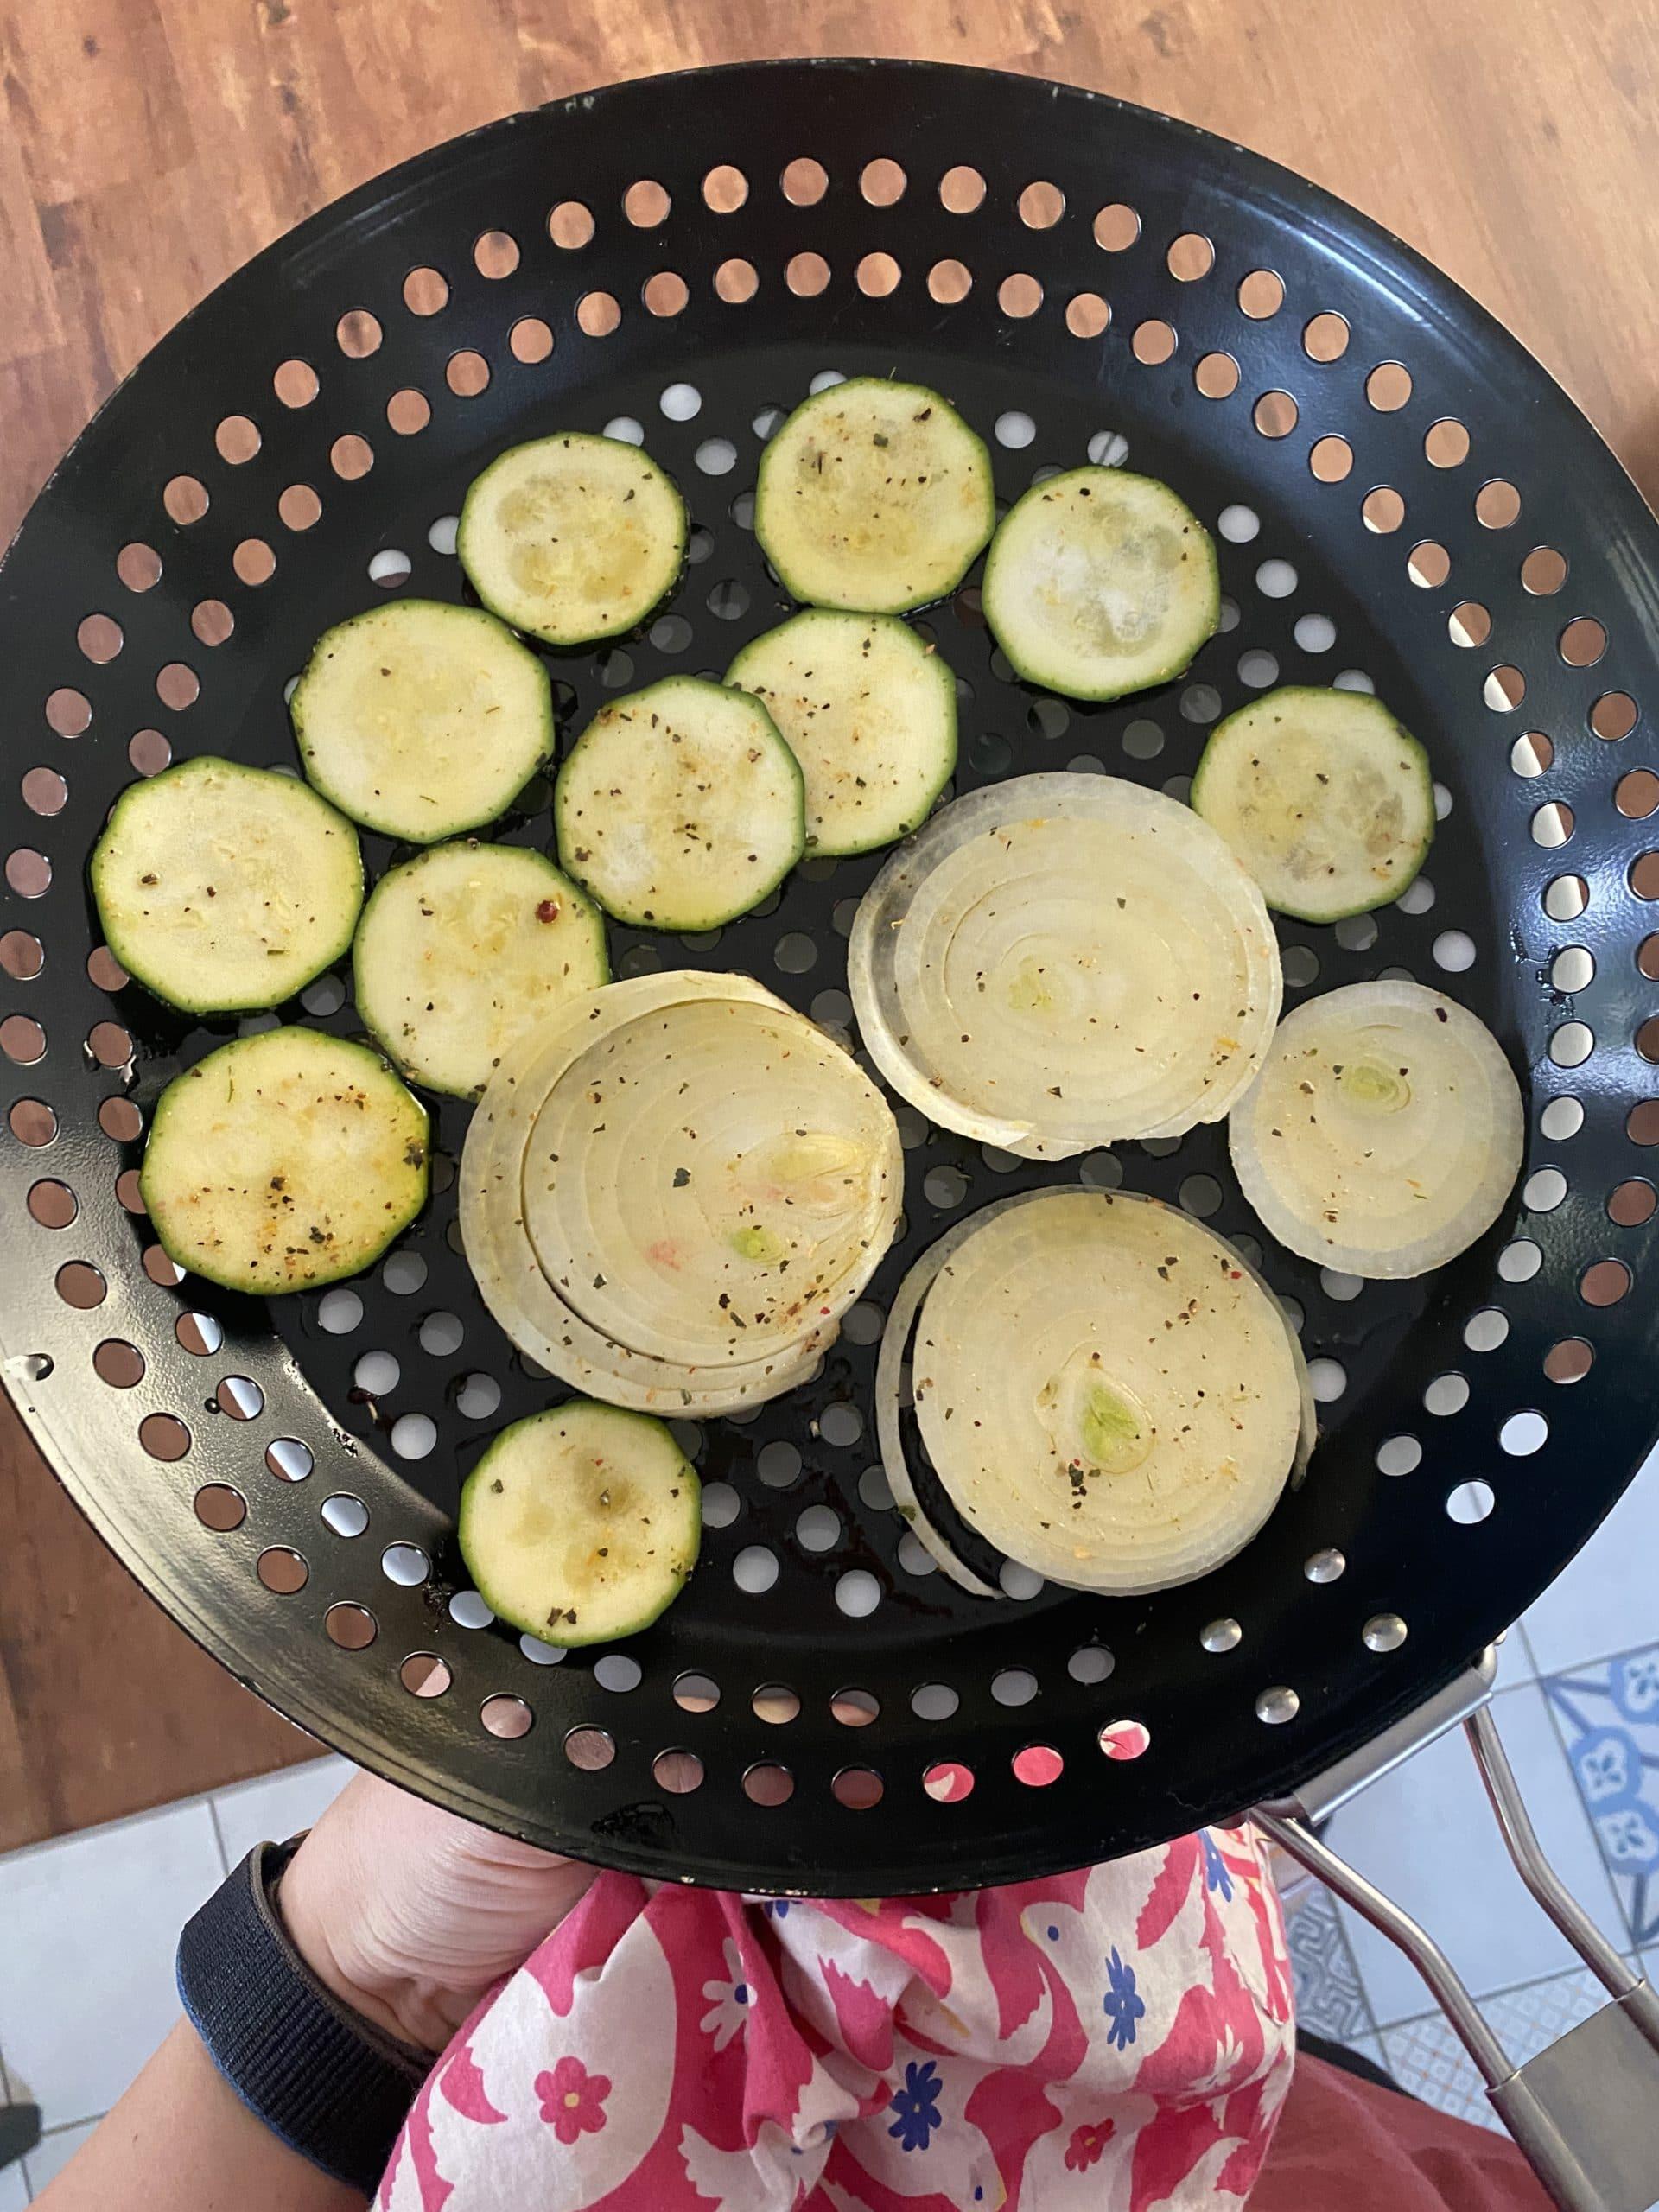 Zum Nachmittag grillen wir. Ich mag gegrilltes Gemüse sehr gern.